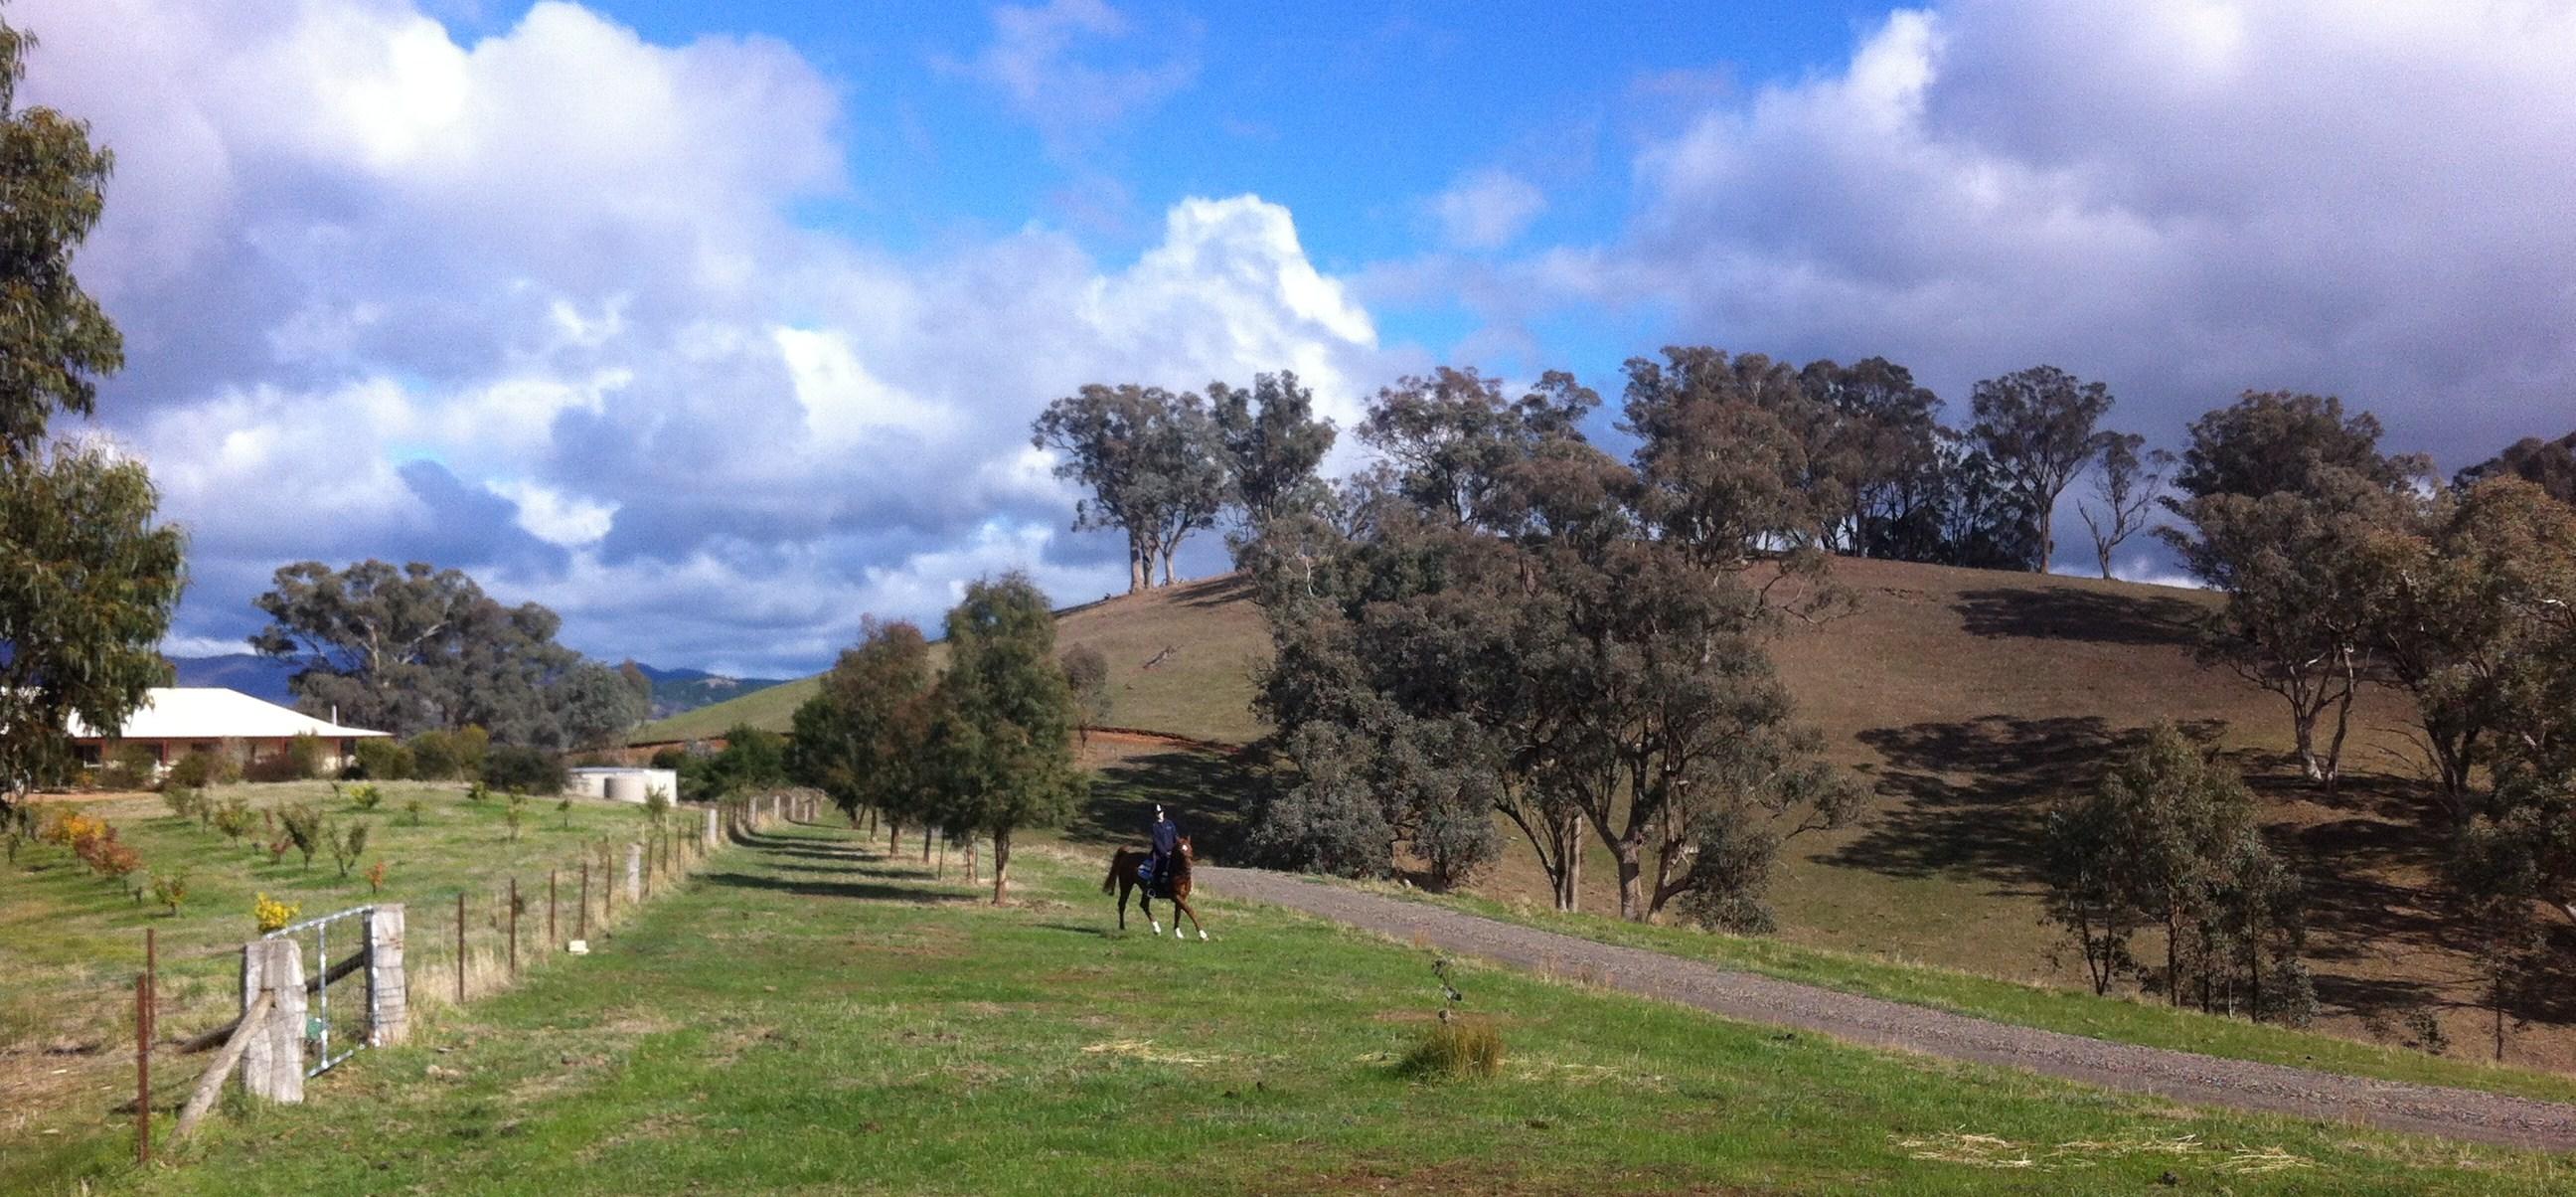 Architecture Videos Eco Vision Australia Rural Landscape Design